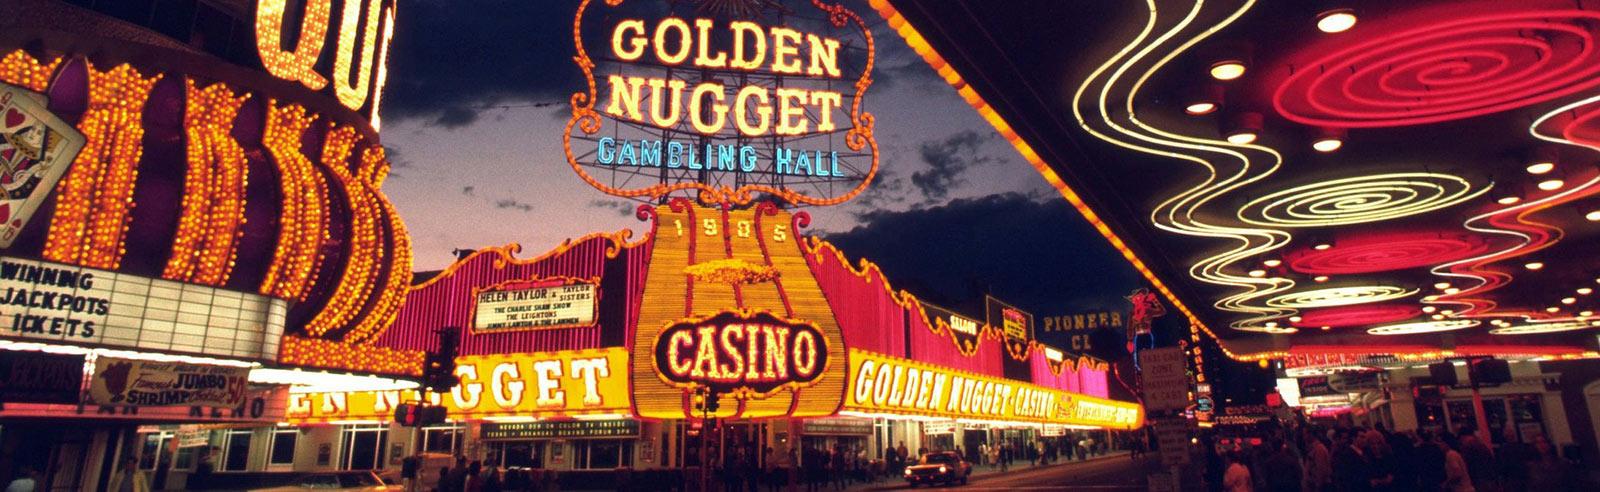 7 Best Hotels in Downtown Las Vegas